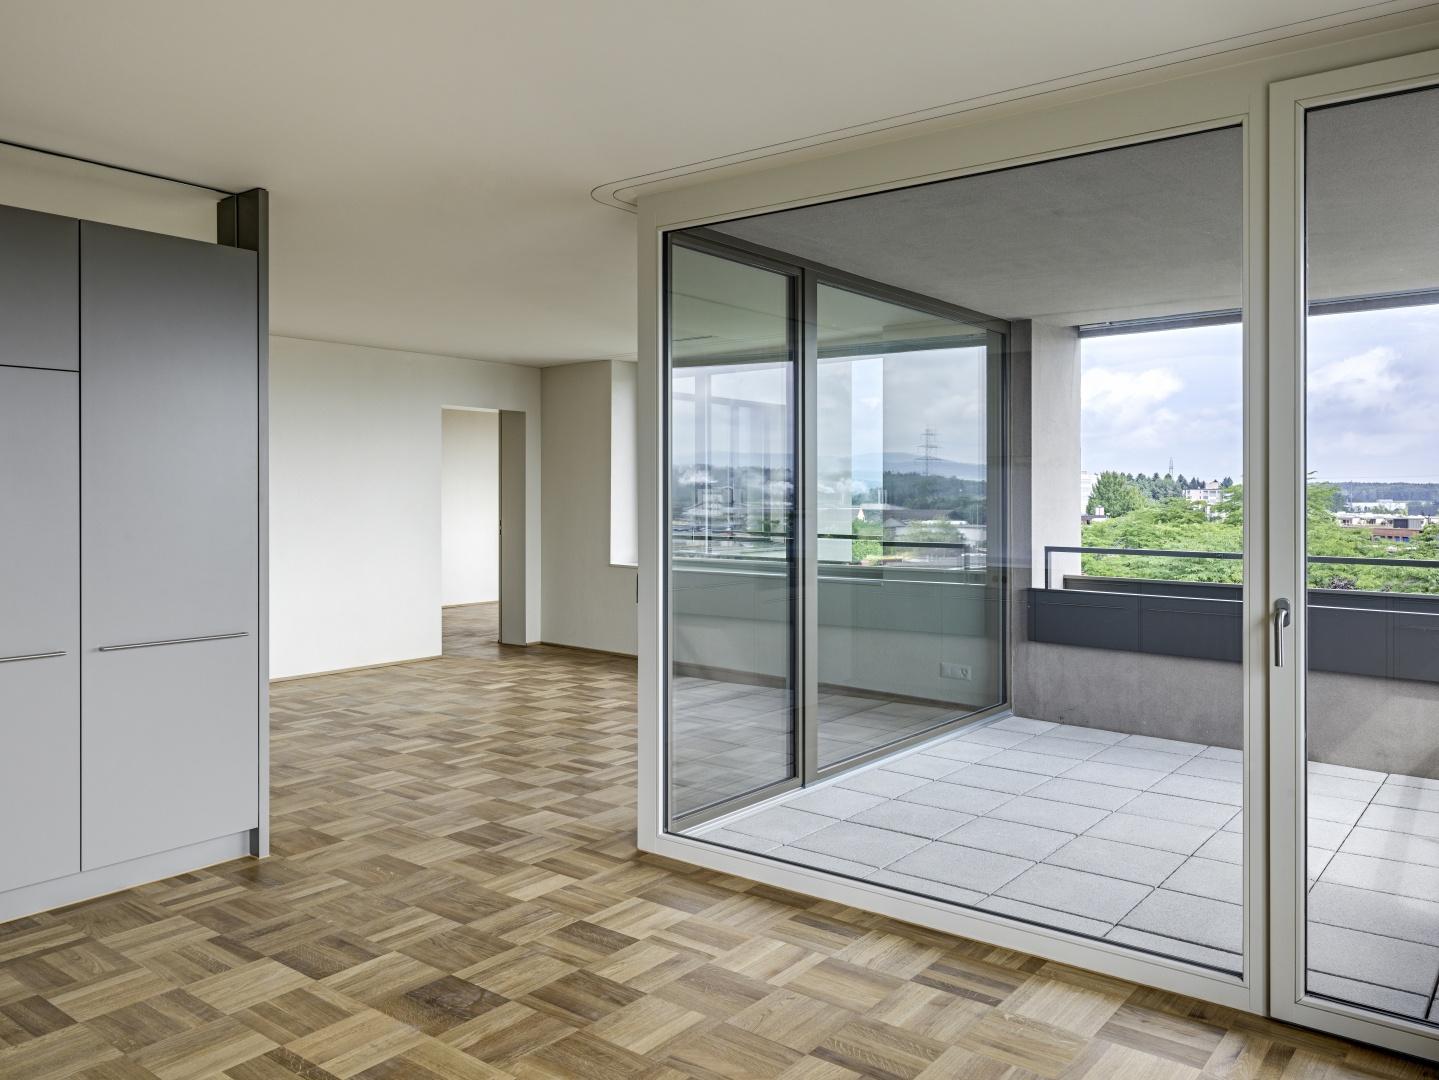 alterswohnungen im b el arc award. Black Bedroom Furniture Sets. Home Design Ideas